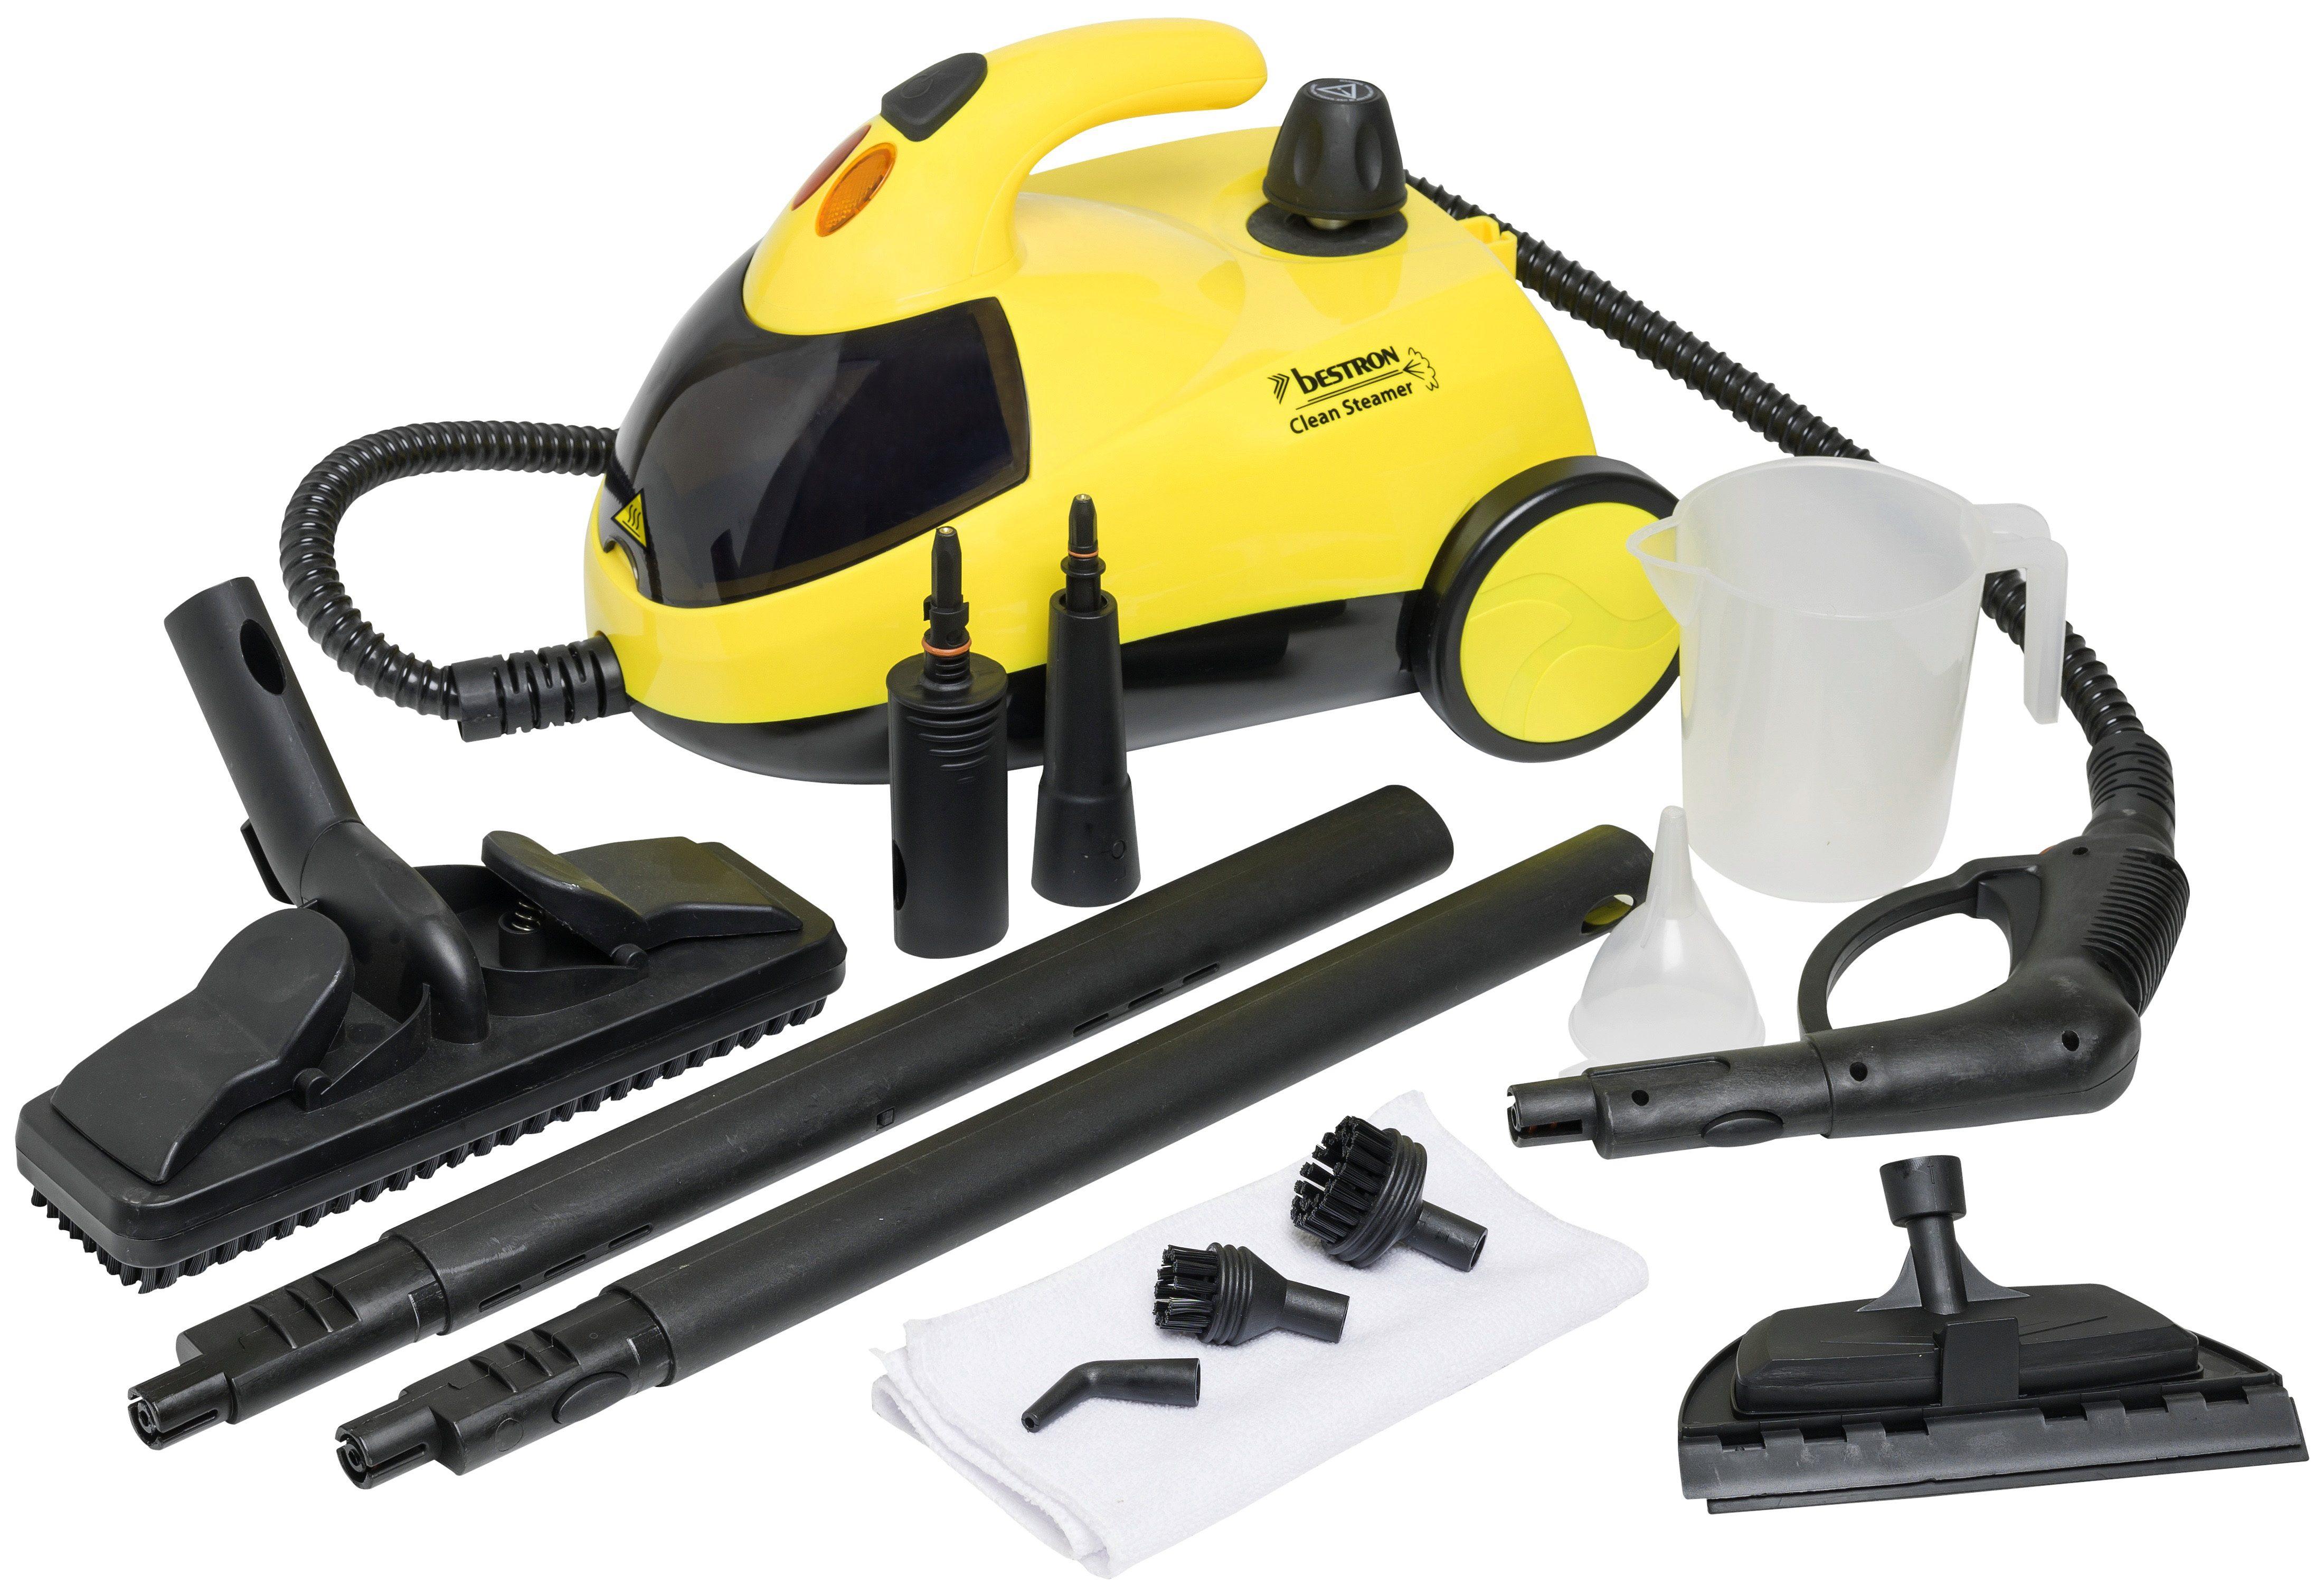 bestron Dampfreiniger DWJ5280 1500 Watt beutellos | Flur & Diele > Haushaltsgeräte > Dampfreiniger | Gelb | Bestron